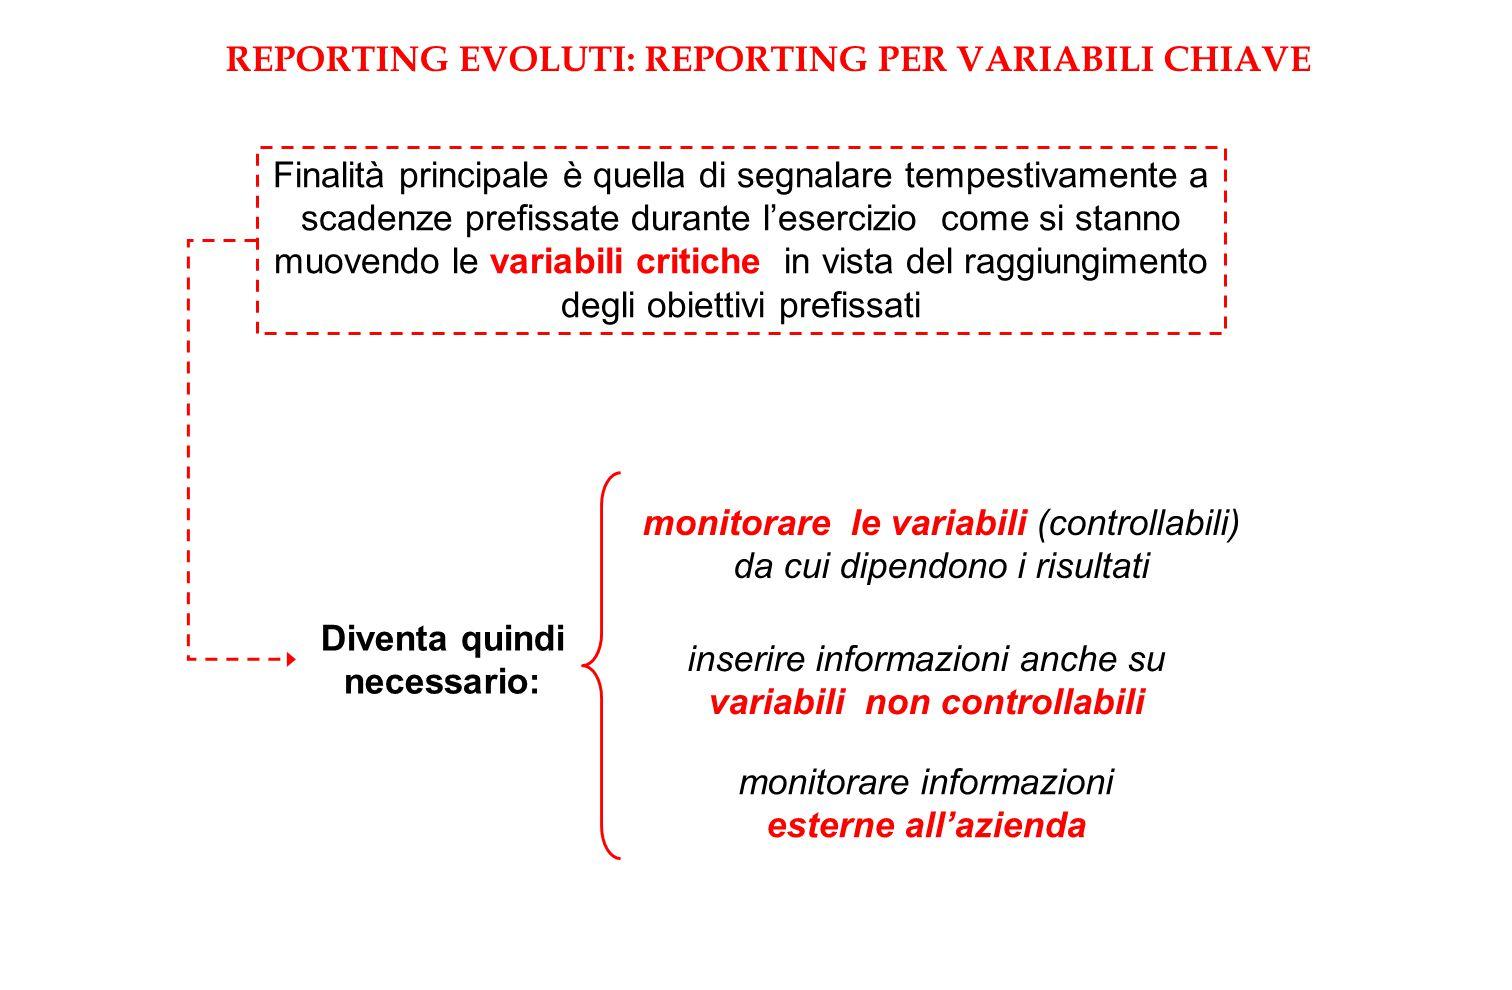 REPORTING EVOLUTI: REPORTING PER VARIABILI CHIAVE Finalità principale è quella di segnalare tempestivamente a scadenze prefissate durante l'esercizio come si stanno muovendo le variabili critiche in vista del raggiungimento degli obiettivi prefissati Diventa quindi necessario: monitorare le variabili (controllabili) da cui dipendono i risultati inserire informazioni anche su variabili non controllabili monitorare informazioni esterne all'azienda